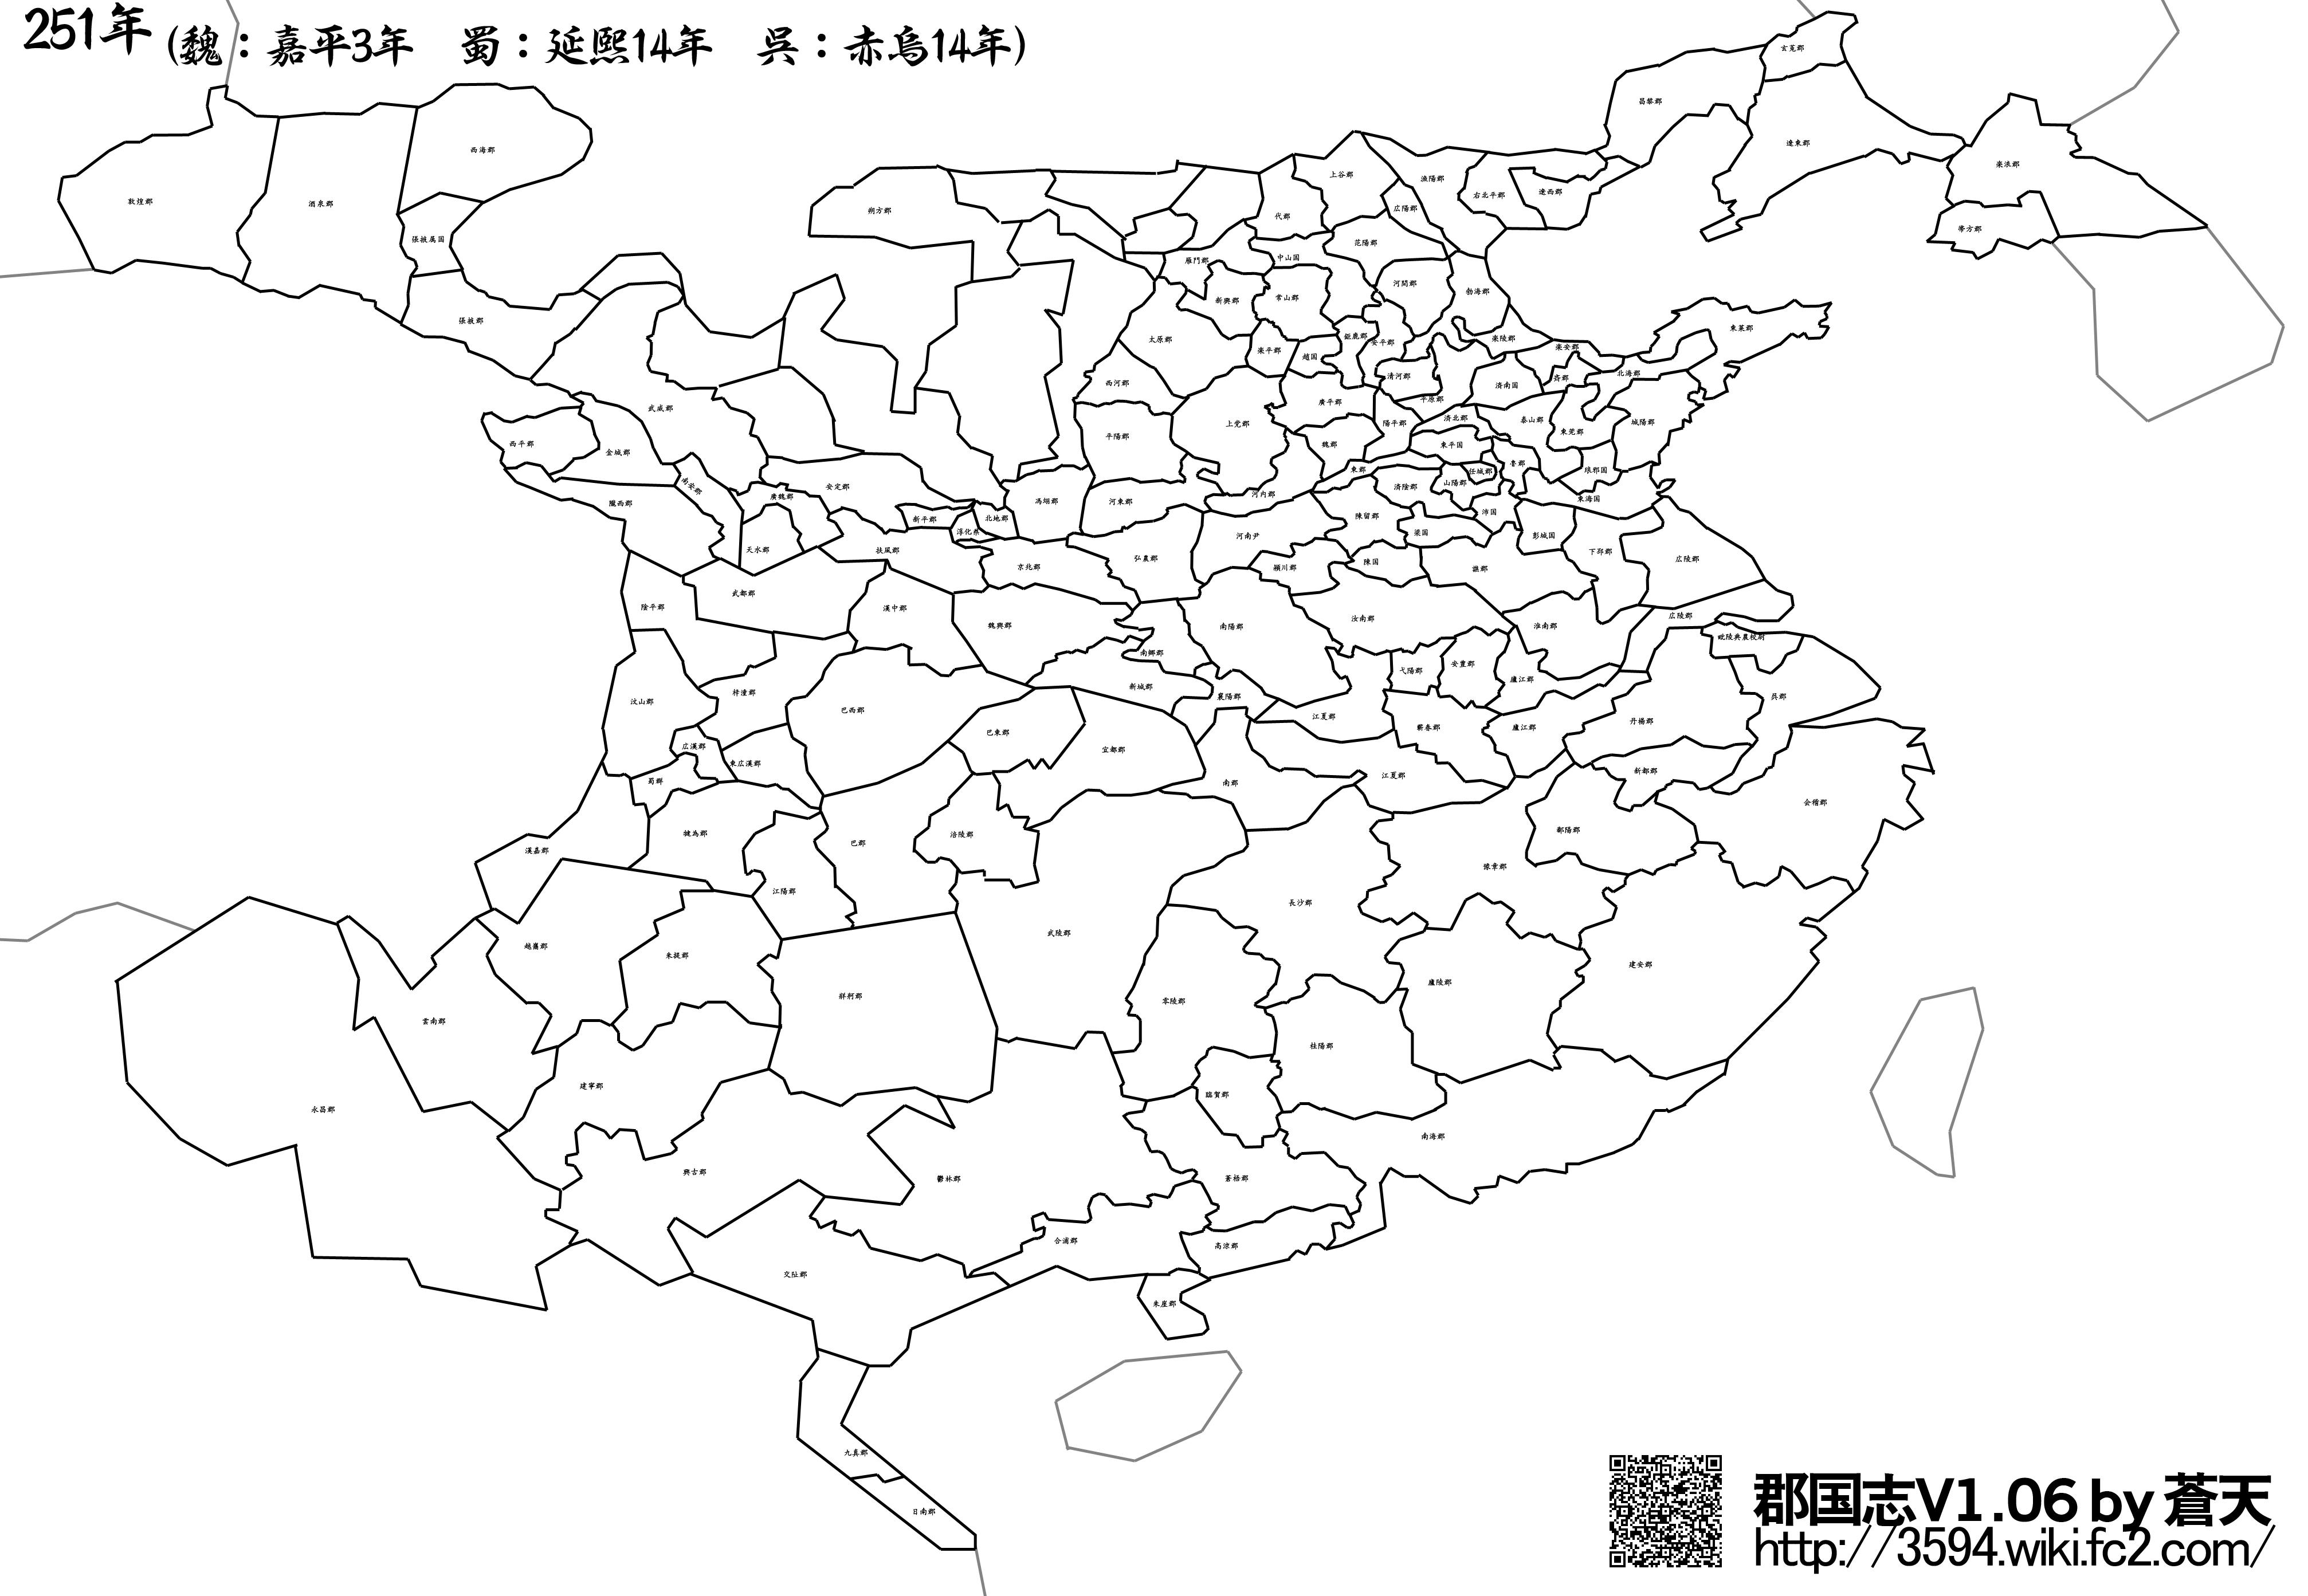 郡国志v106_251年